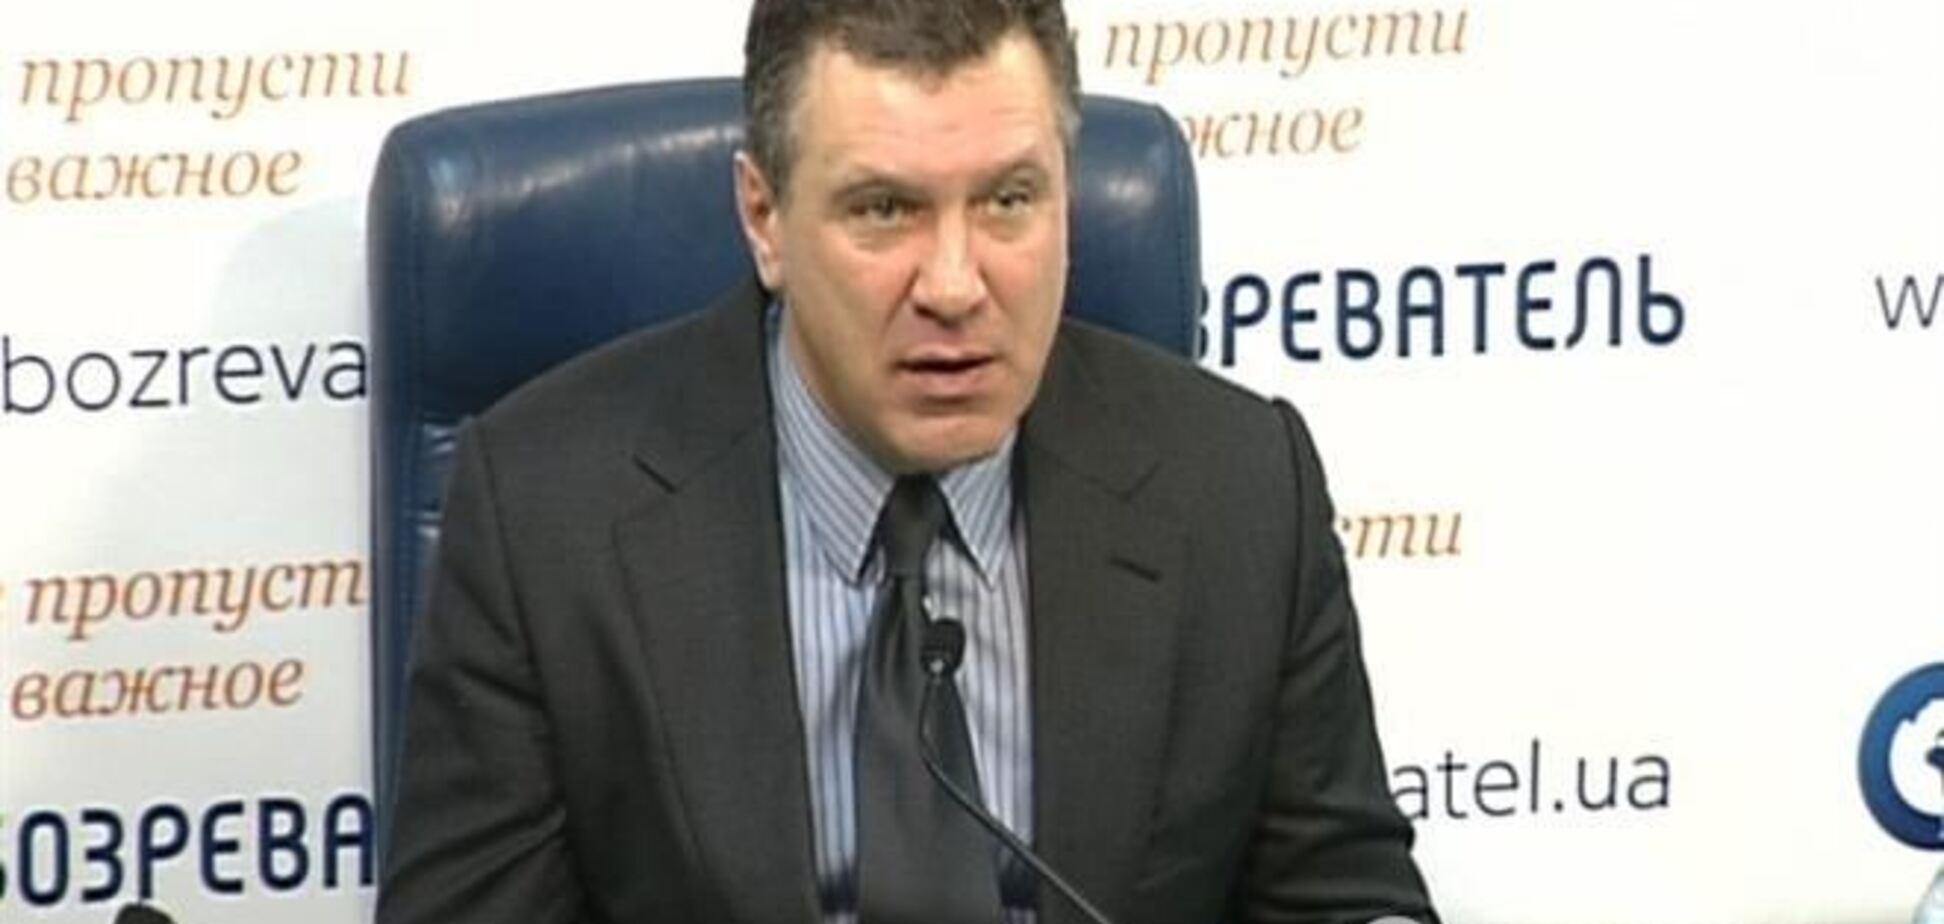 РФ не введе війська в Україну навіть на прохання влади - Беркут